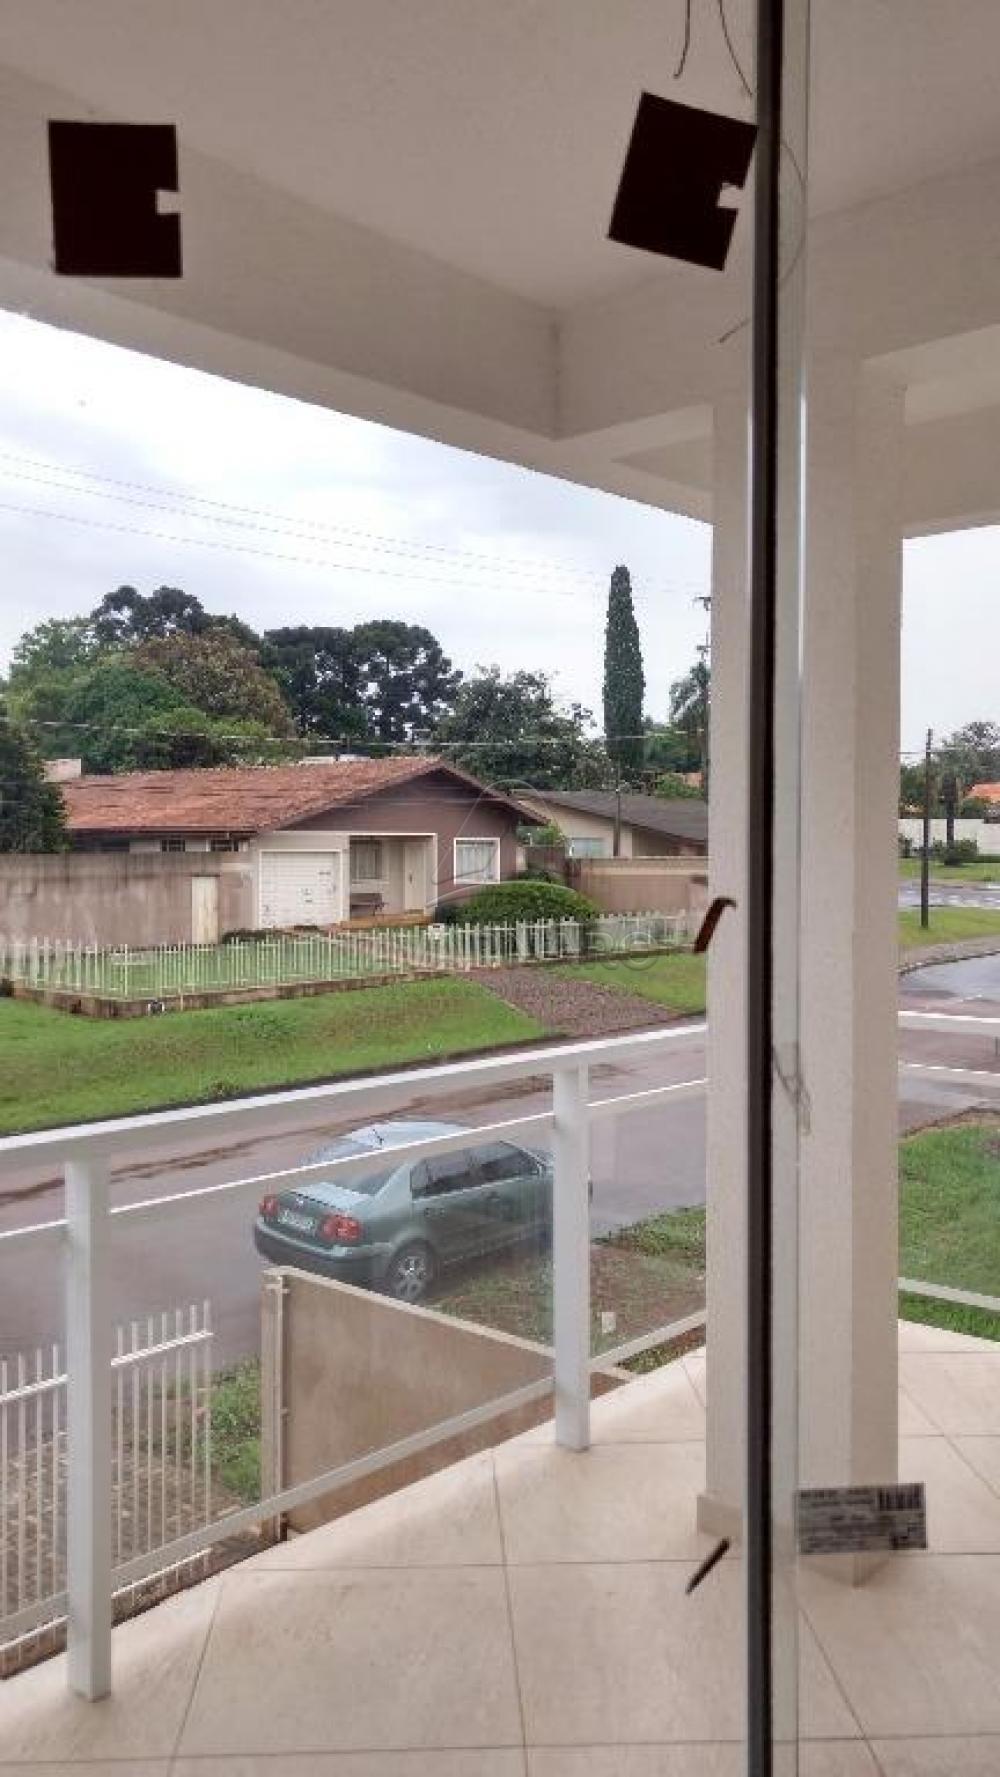 Comprar Casa / Sobrado em Ponta Grossa apenas R$ 700.000,00 - Foto 19